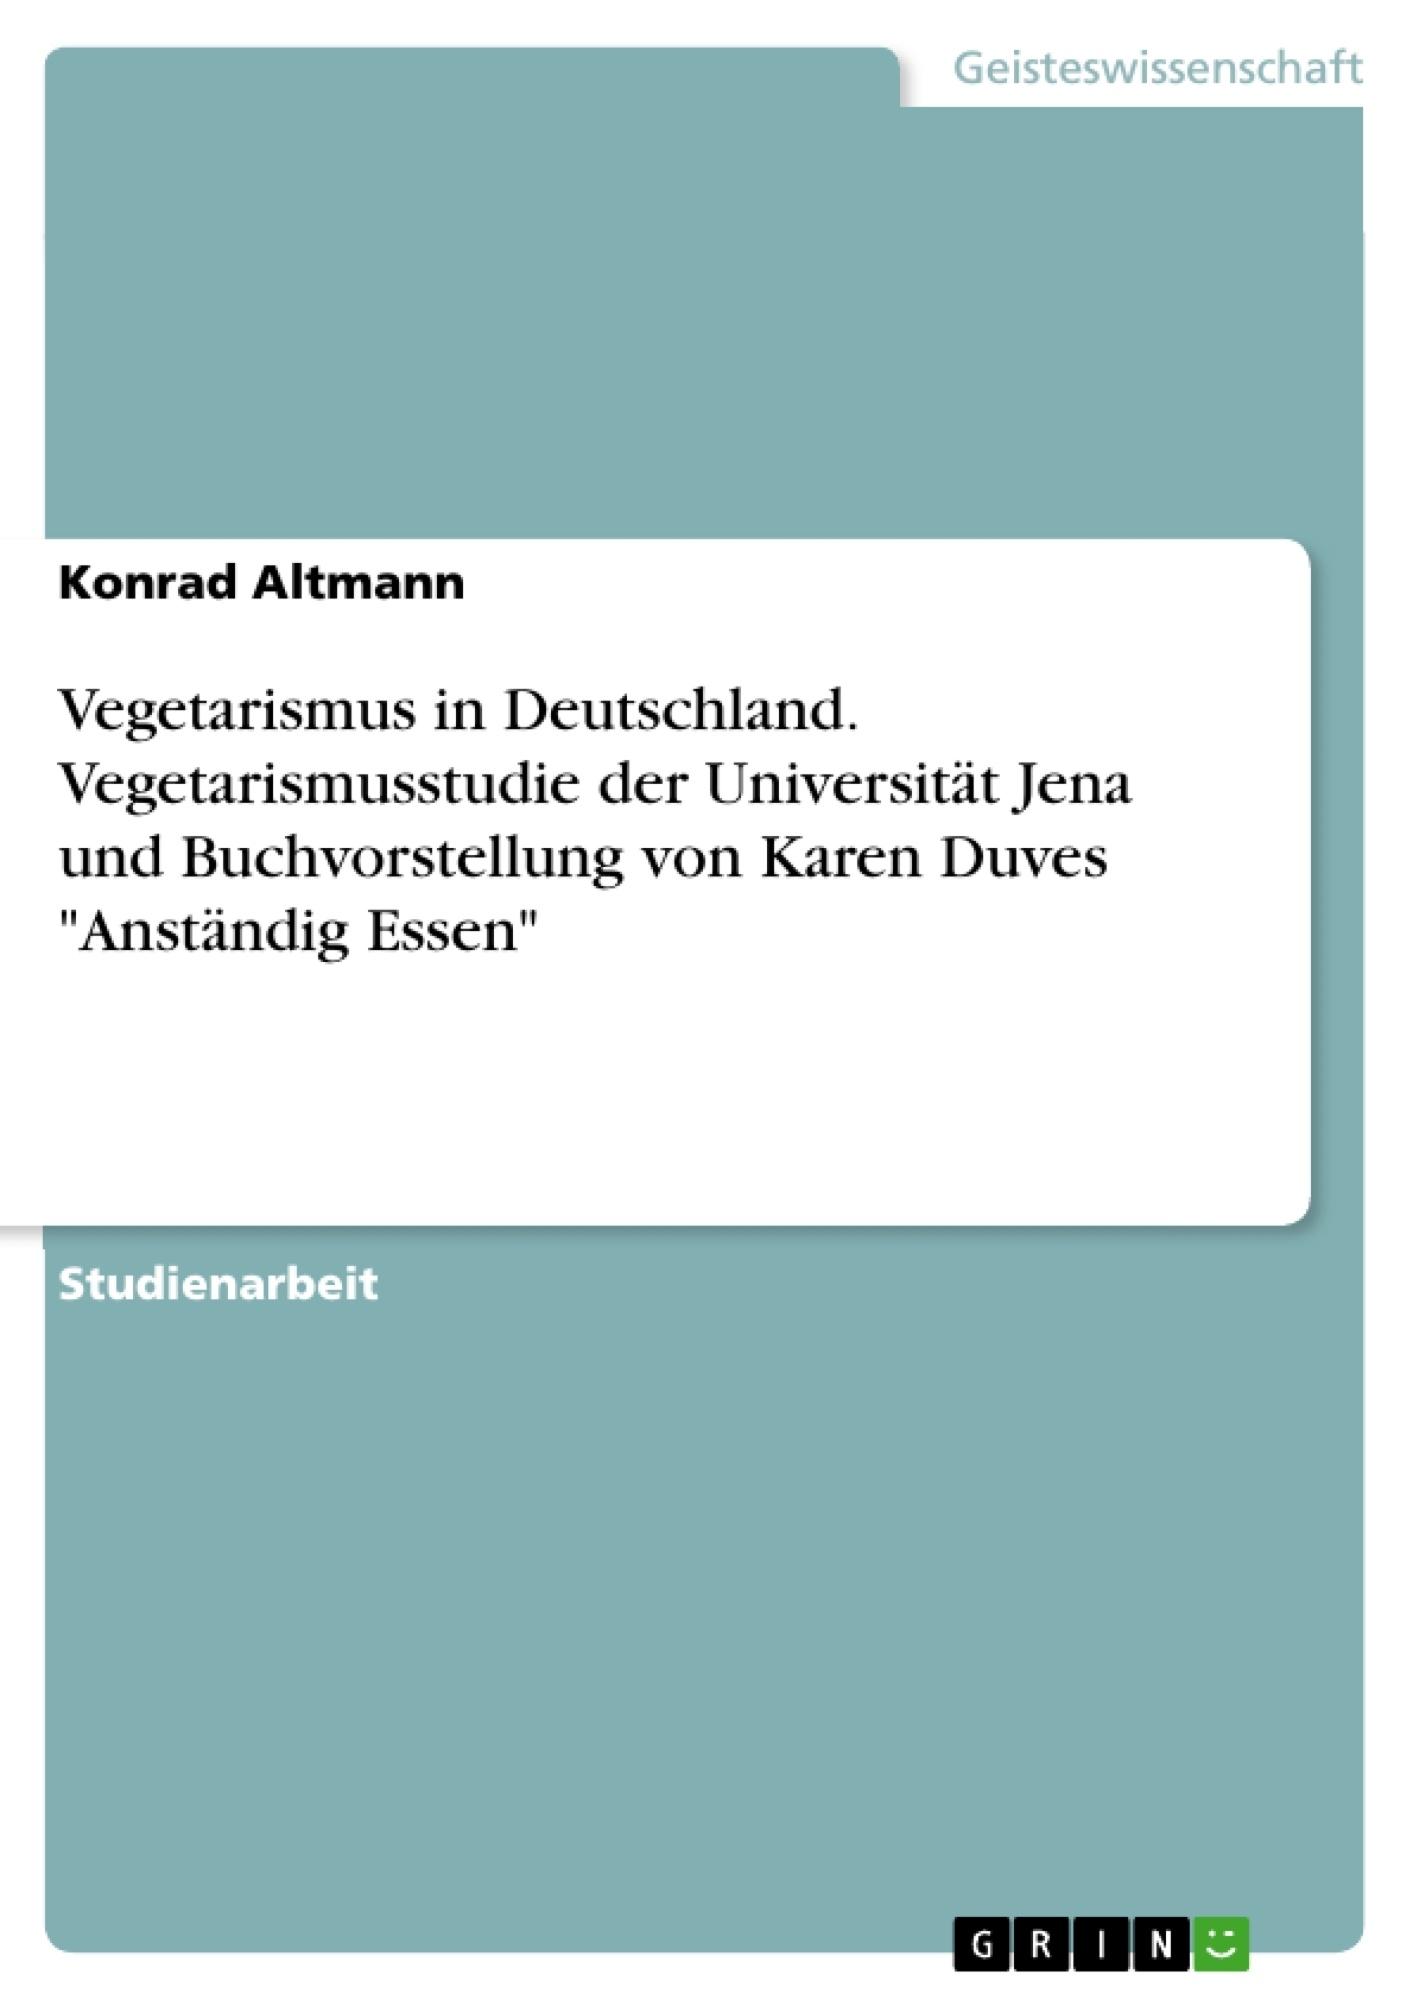 """Titel: Vegetarismus in Deutschland. Vegetarismusstudie der Universität Jena und Buchvorstellung von Karen Duves """"Anständig Essen"""""""